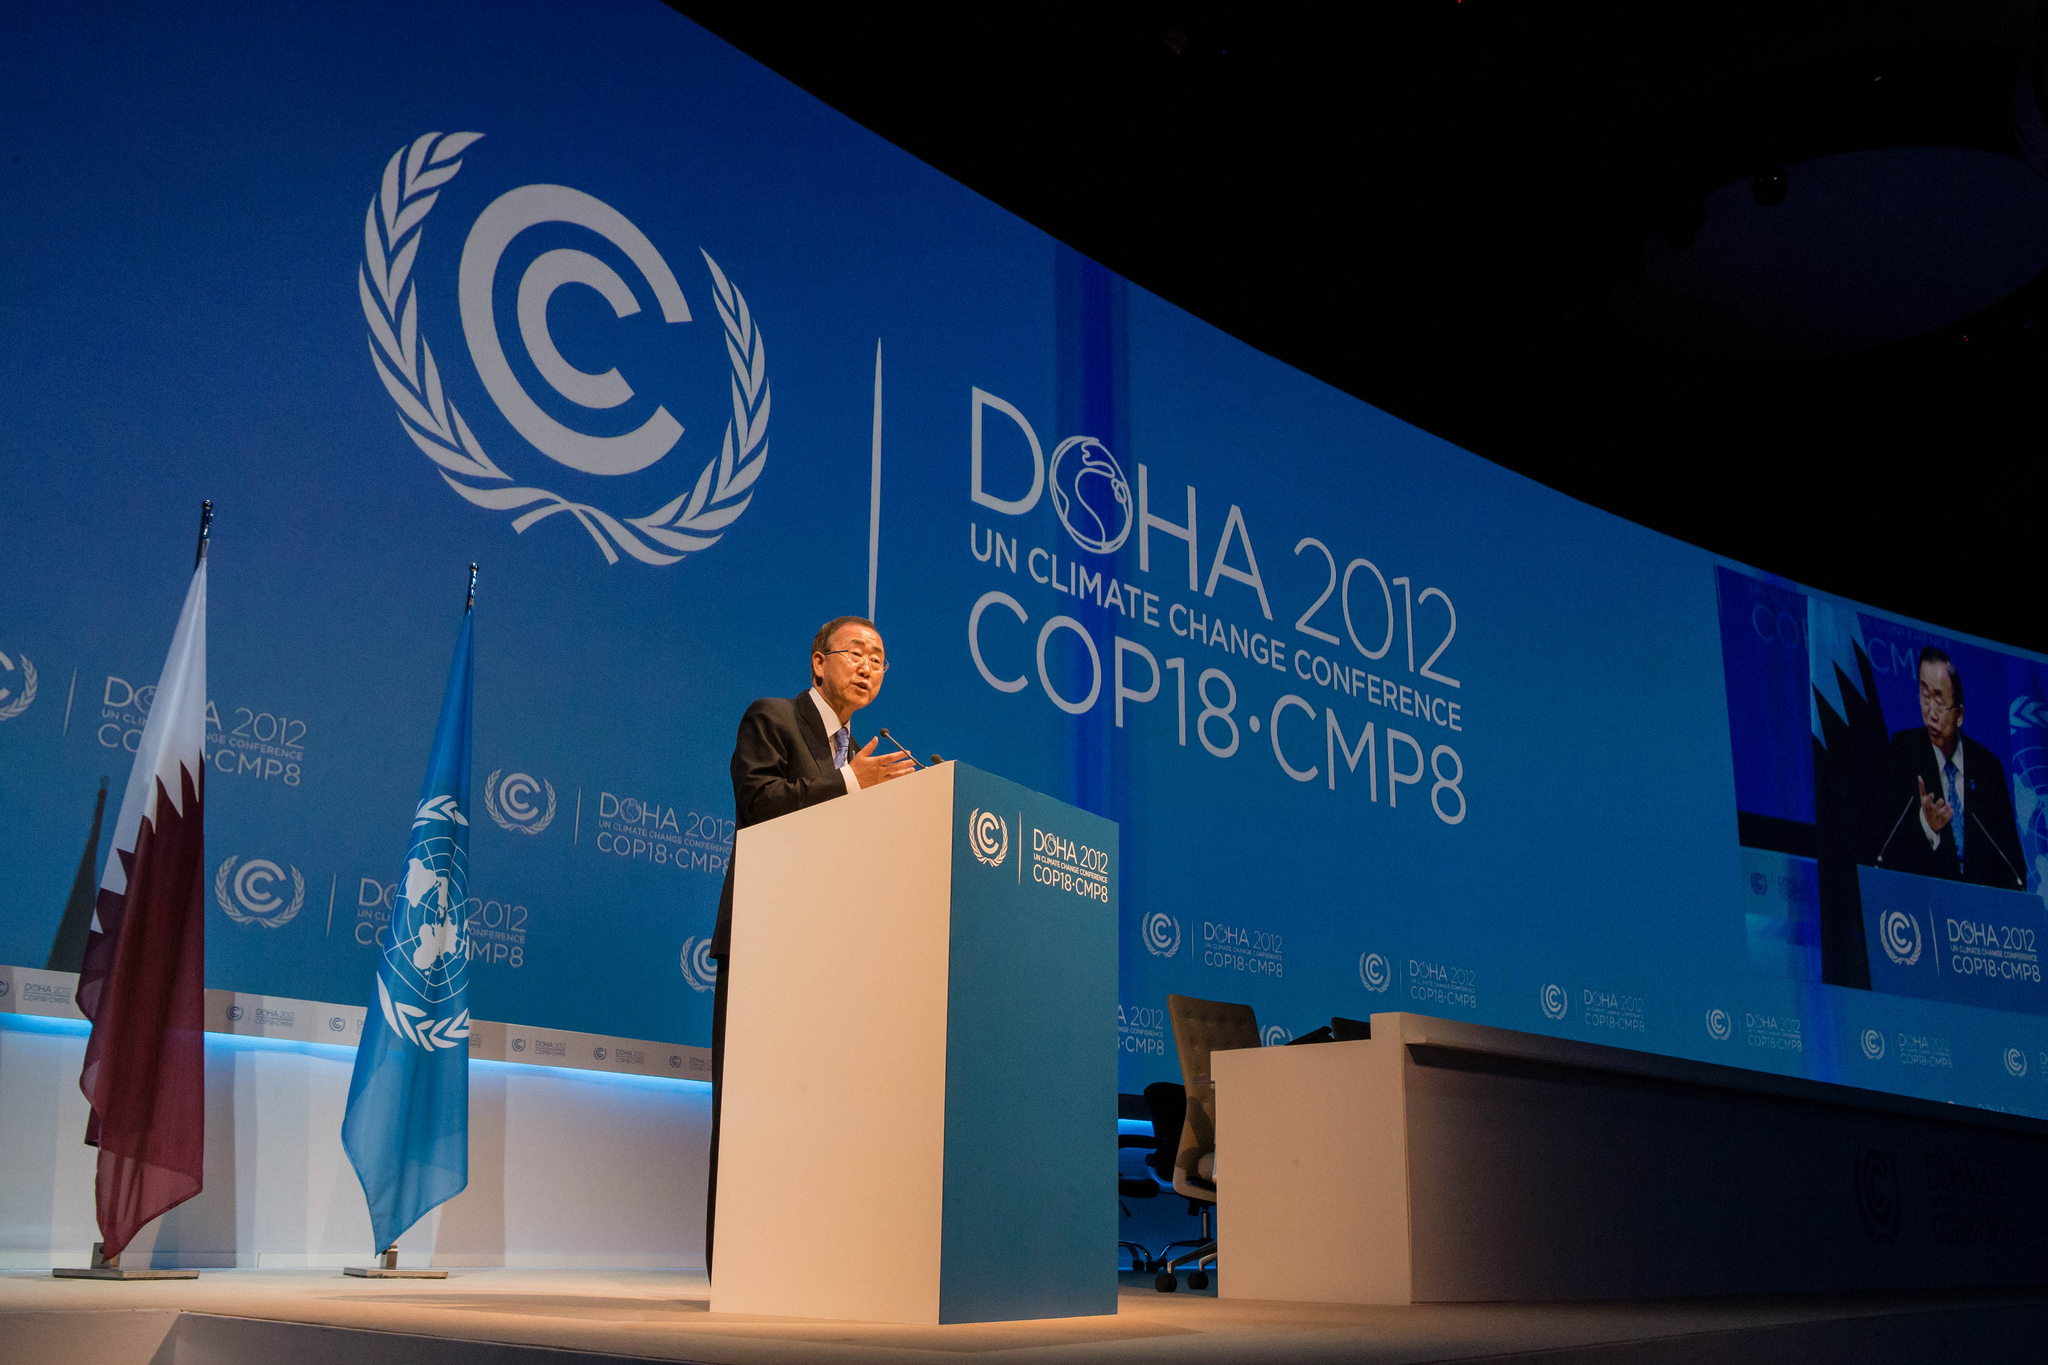 18ème Conférence des Nations Unies sur les changements climatiques (COP 18)